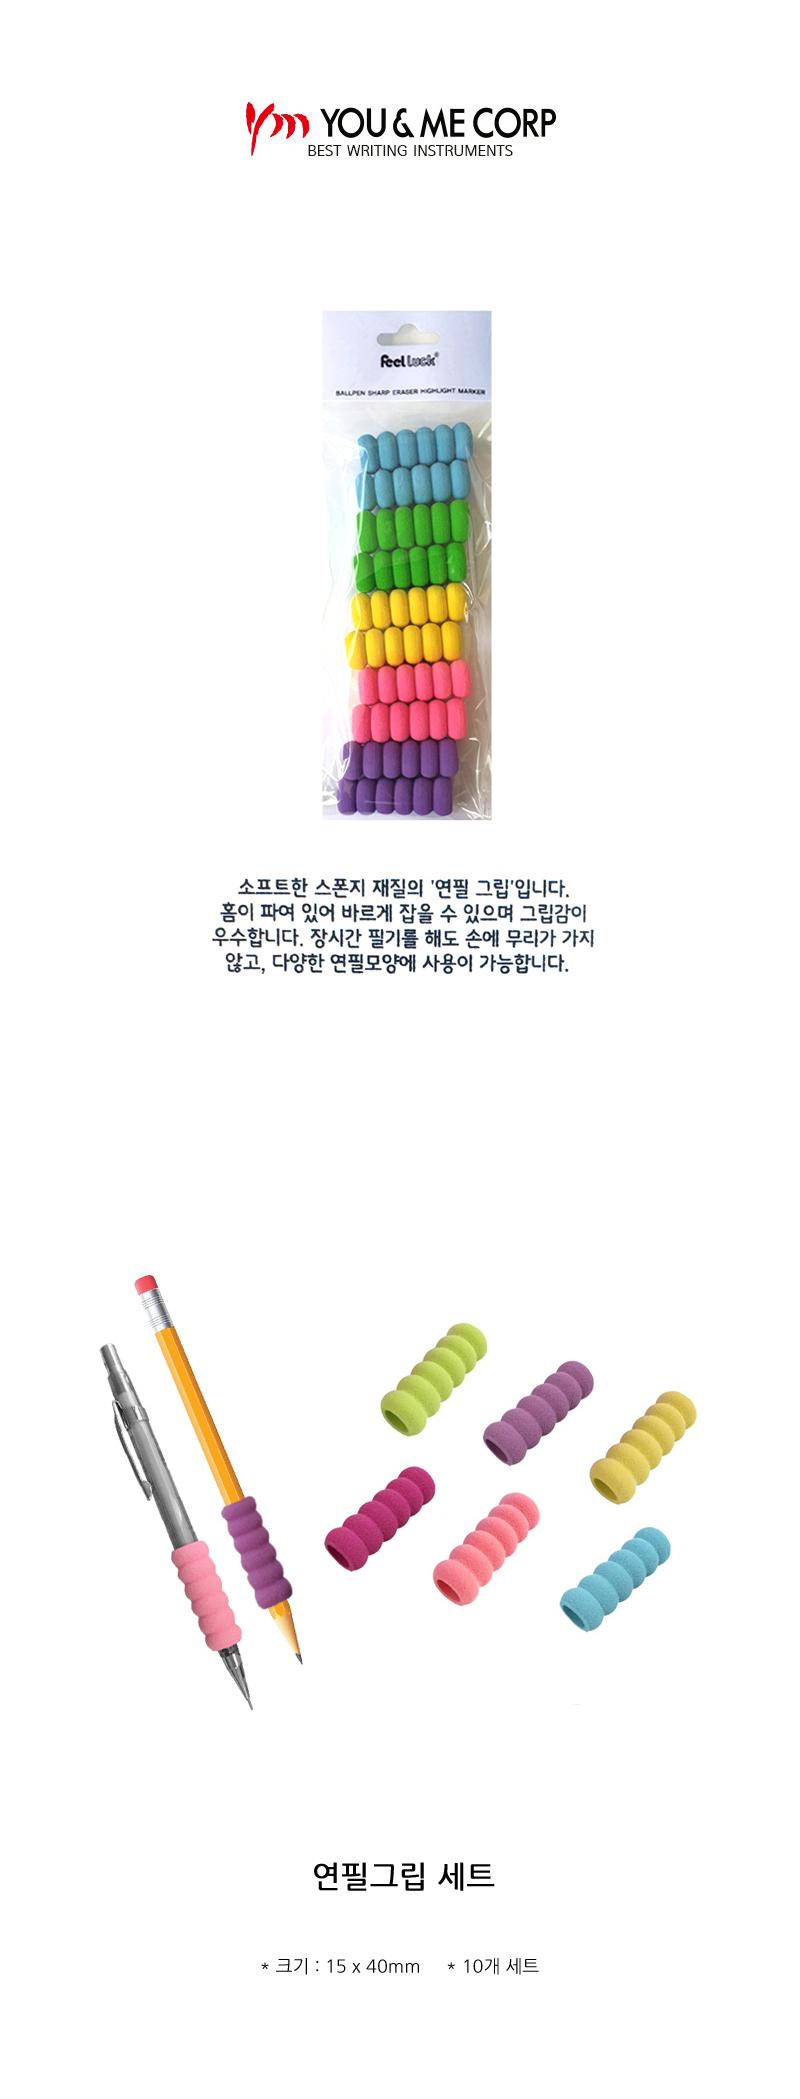 유미 연필그립 10개세트 - 펜마트, 990원, 필기구 소품, 연필 그립